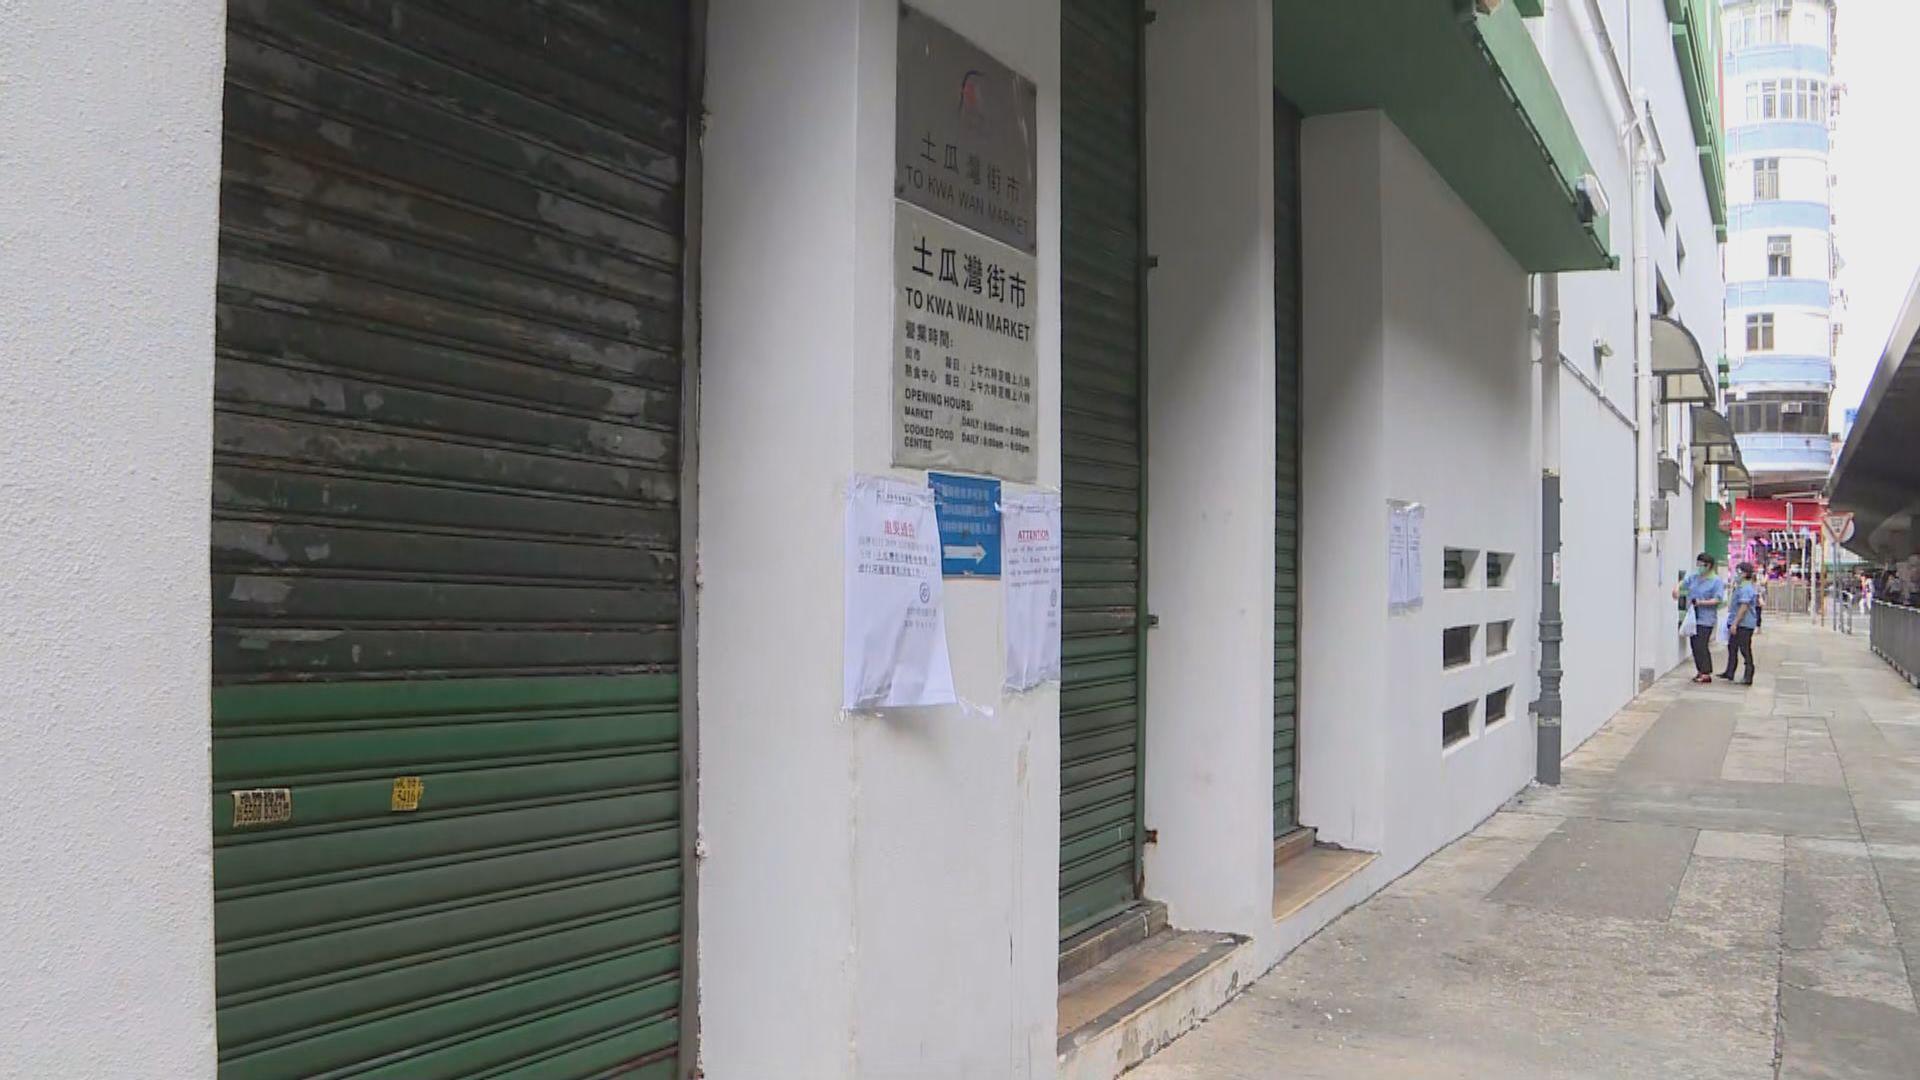 紅磡及土瓜灣街市關閉兩日 市民指購物後會加強清潔